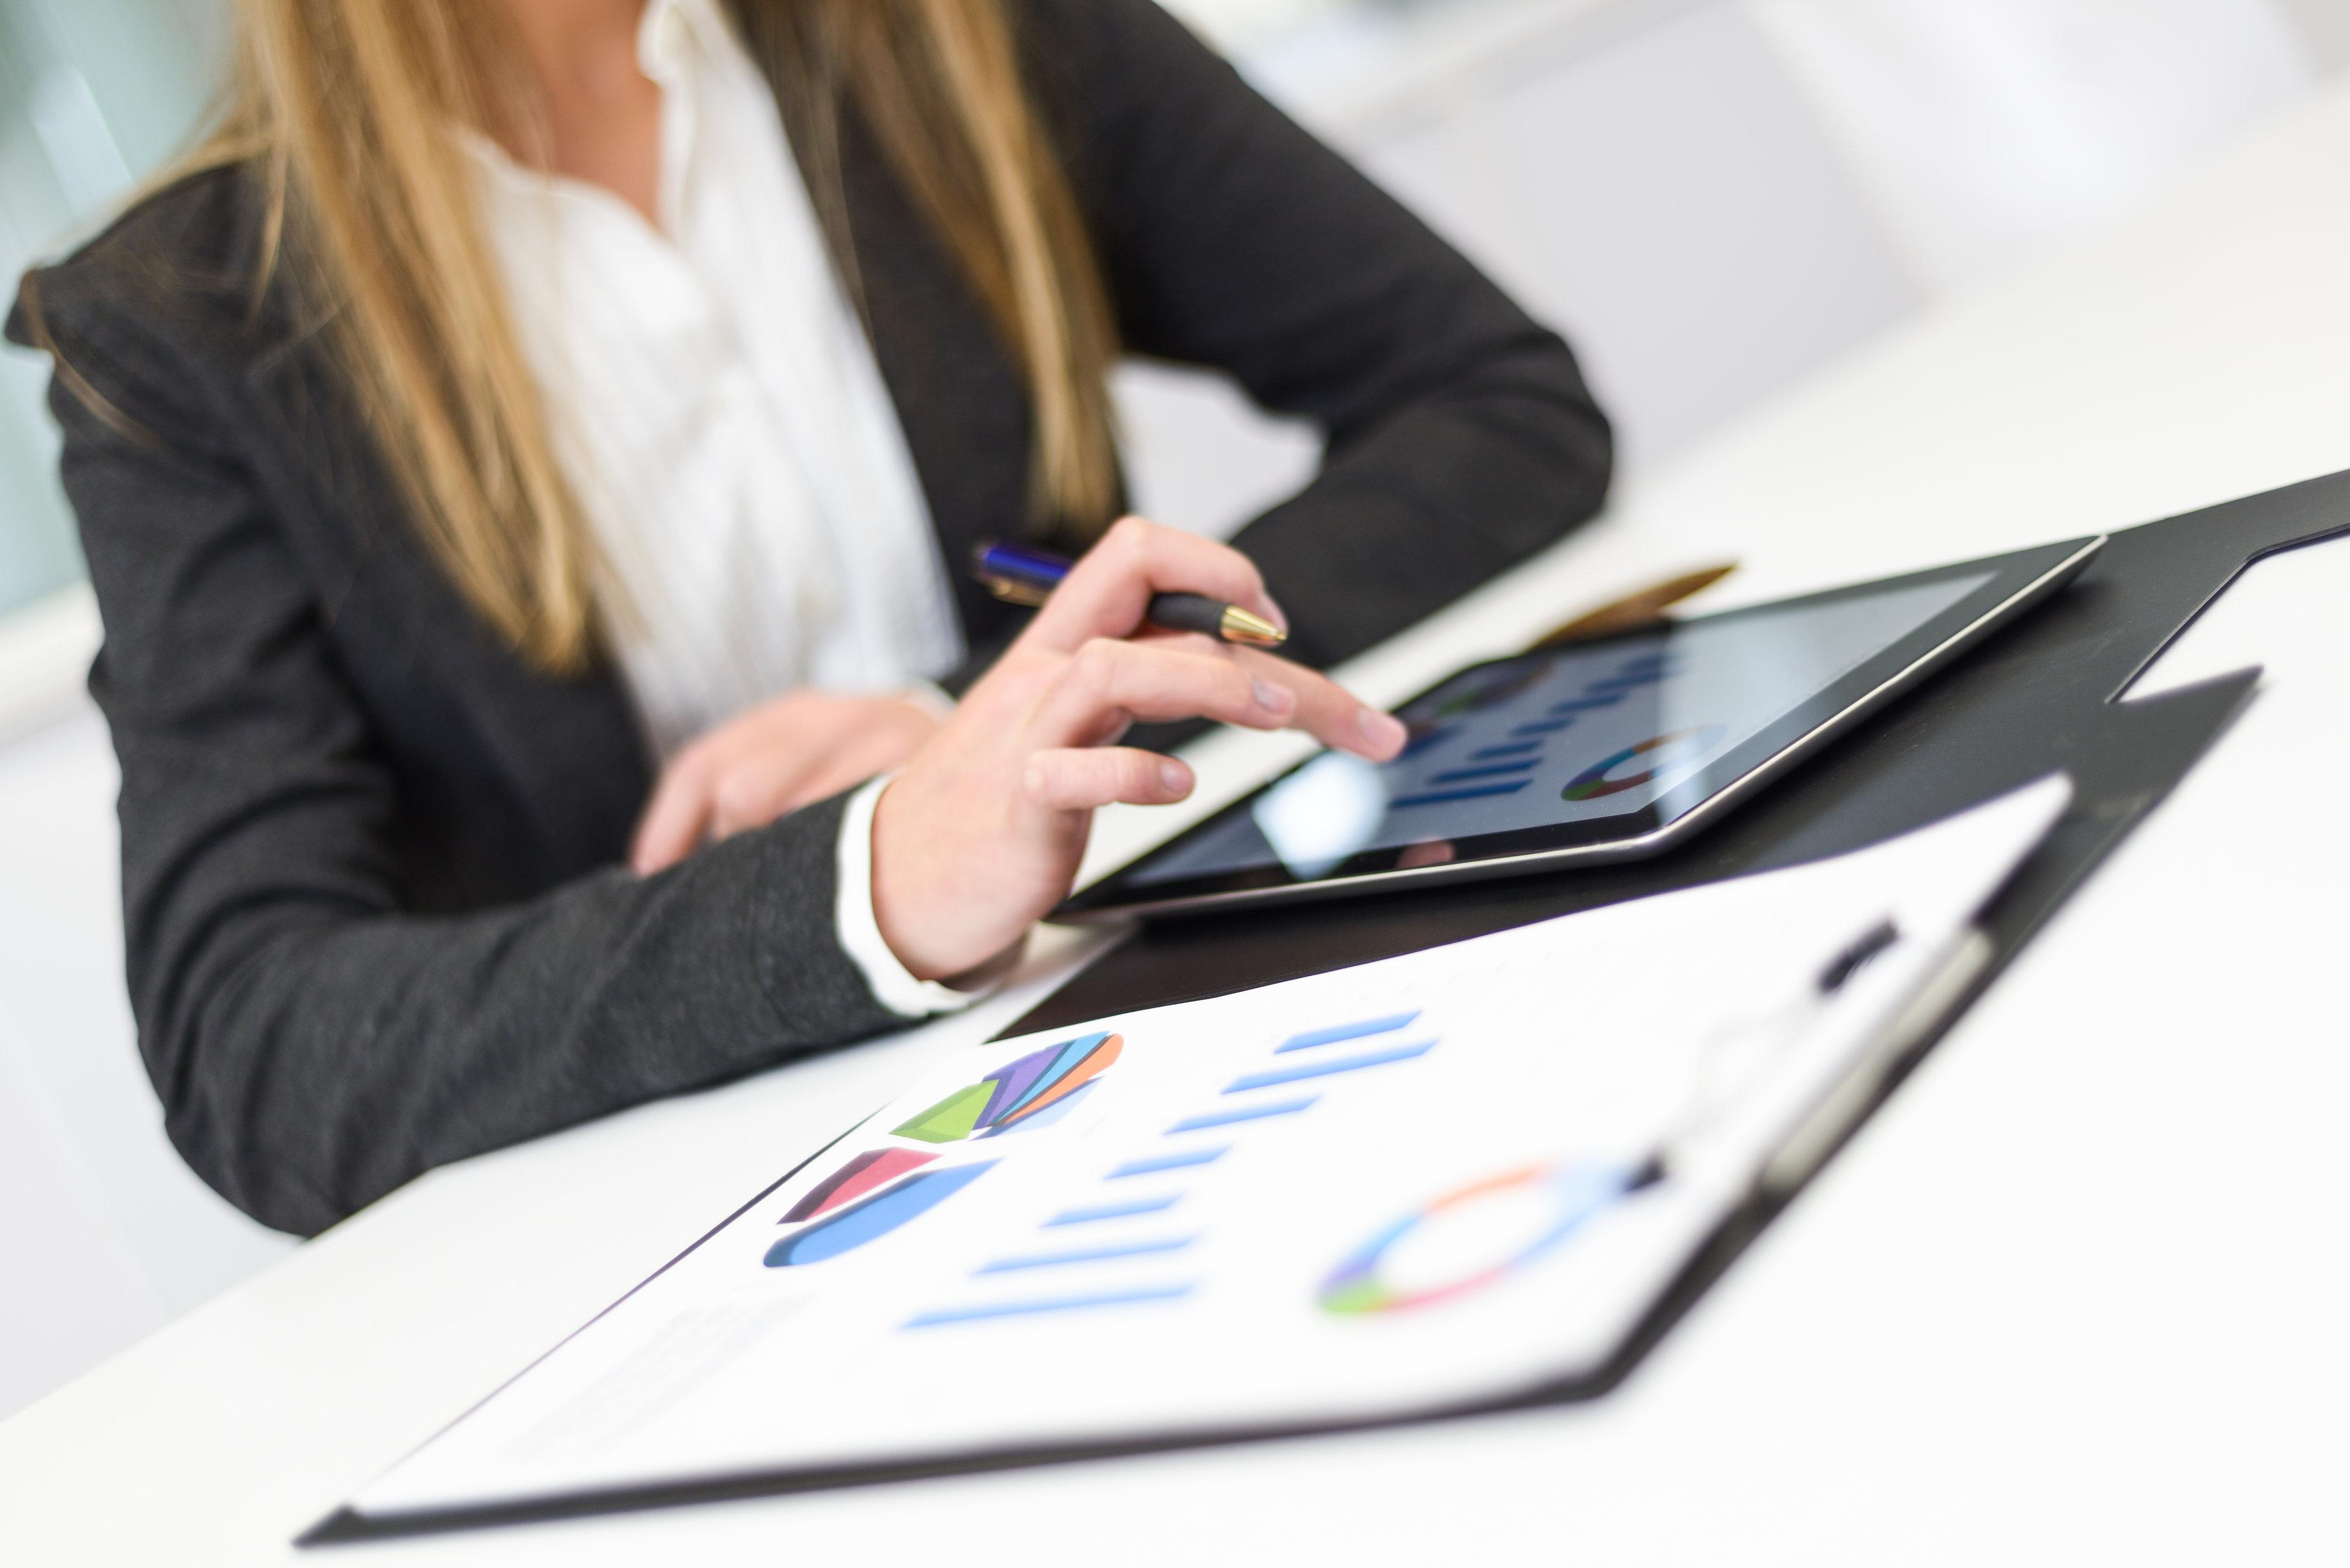 ventajas-de-calcular-el-presupuesto-de-nomina-con-herramientas-online.jpg